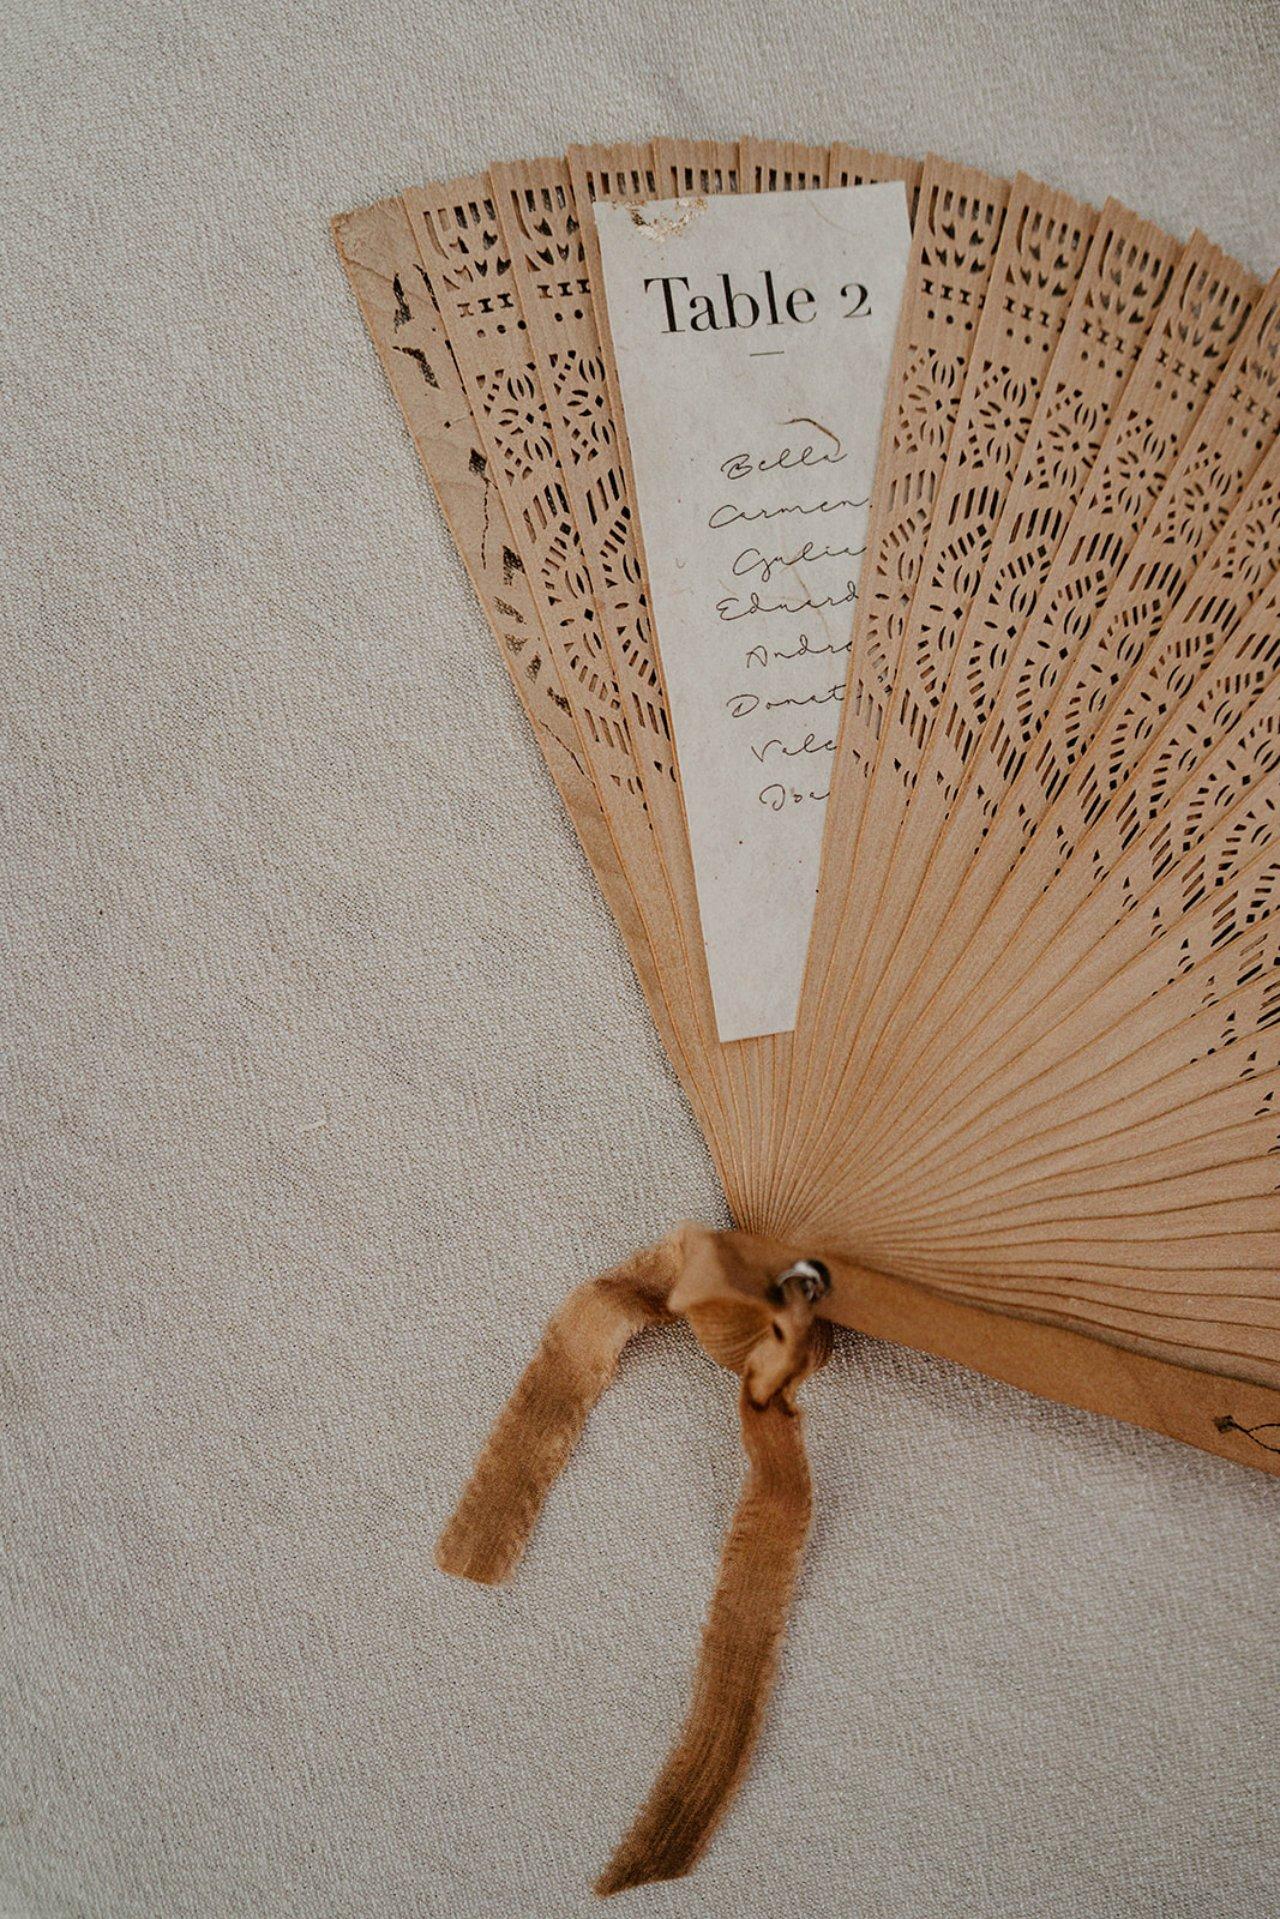 Le salon du mariage de l' atelier wedding aura lieu les 12 et 13 octobre à la cale des créateurs.